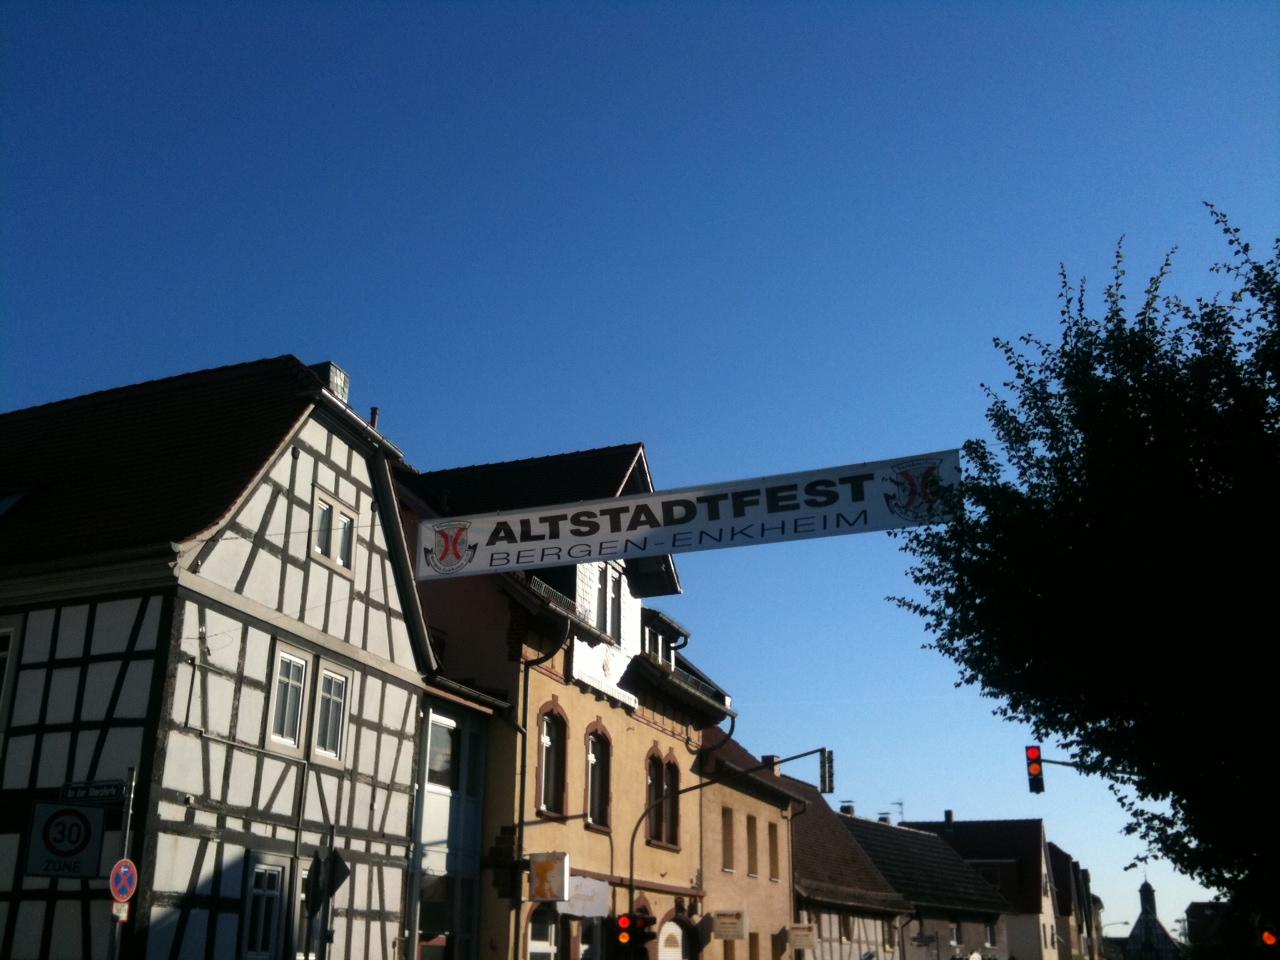 Altstadtfest in Bergen-Enkheim 2011